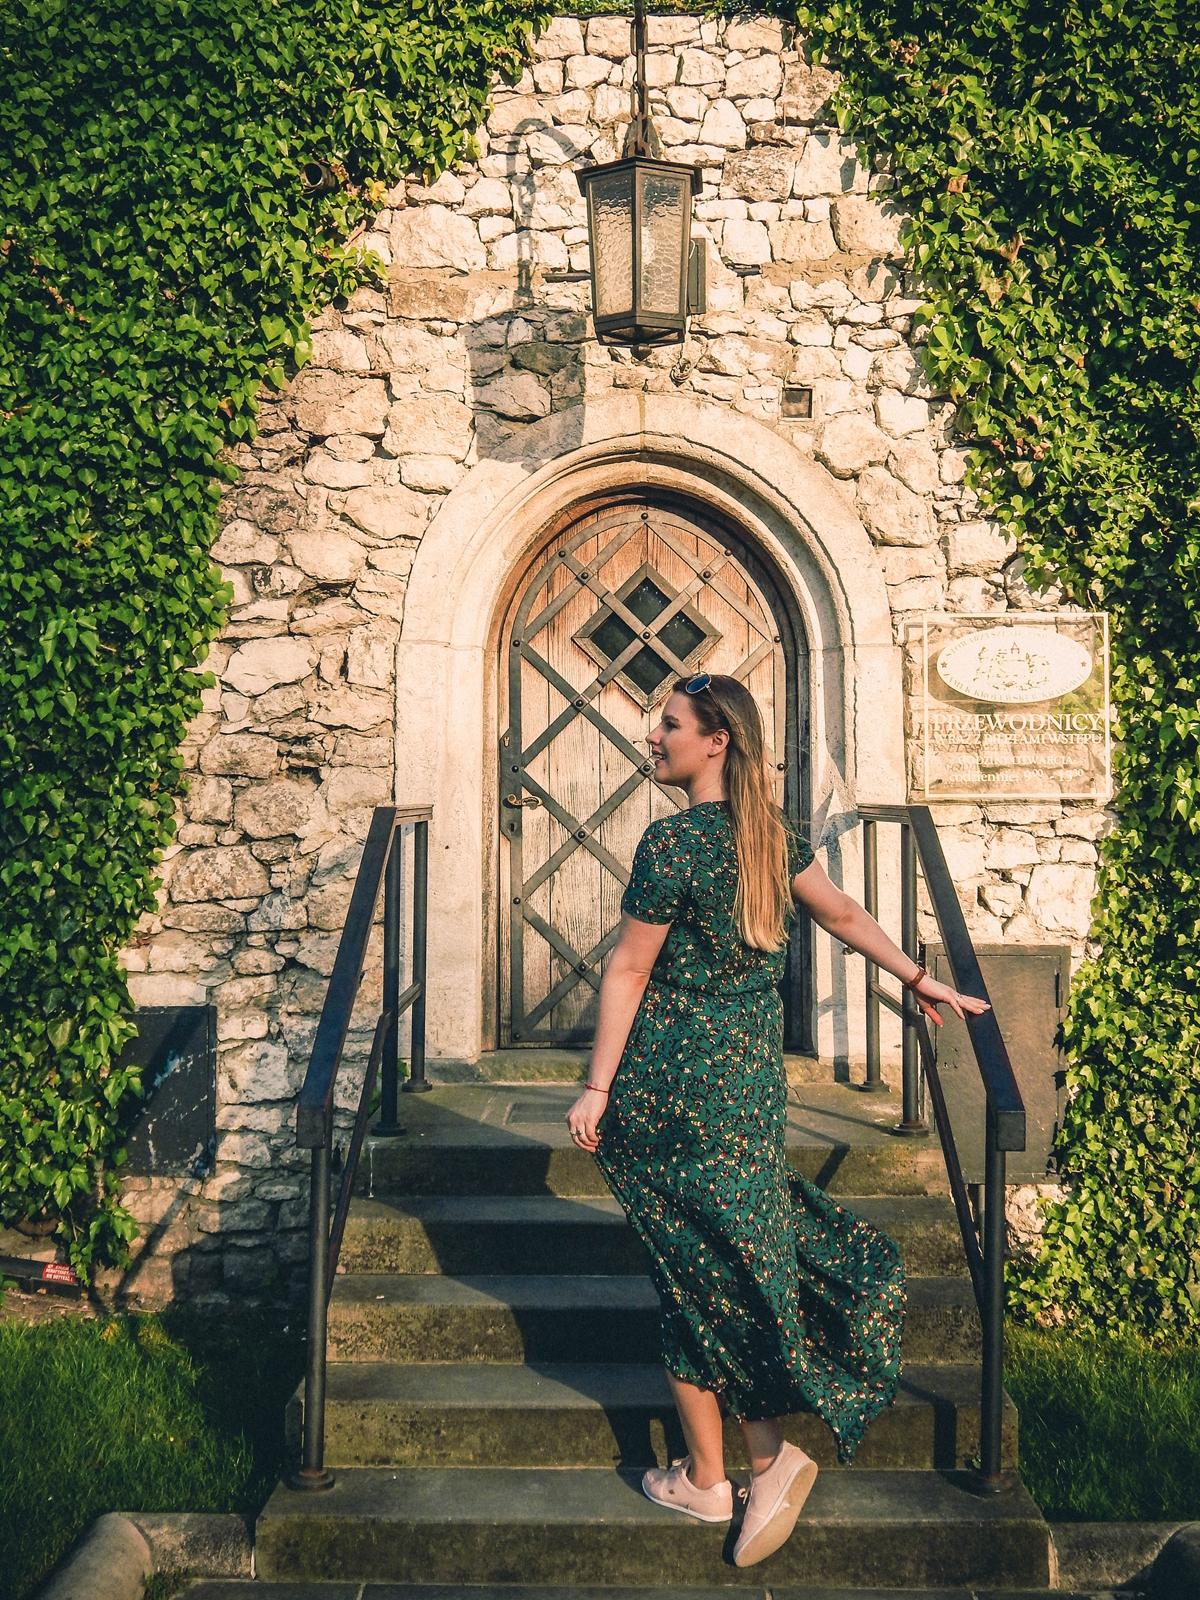 10 stylizacja polskie blogi modowe streetwear daniel wellington pracownia fio ciekawe polskie młode marki modowe odzieżowe instagram melodylaniella